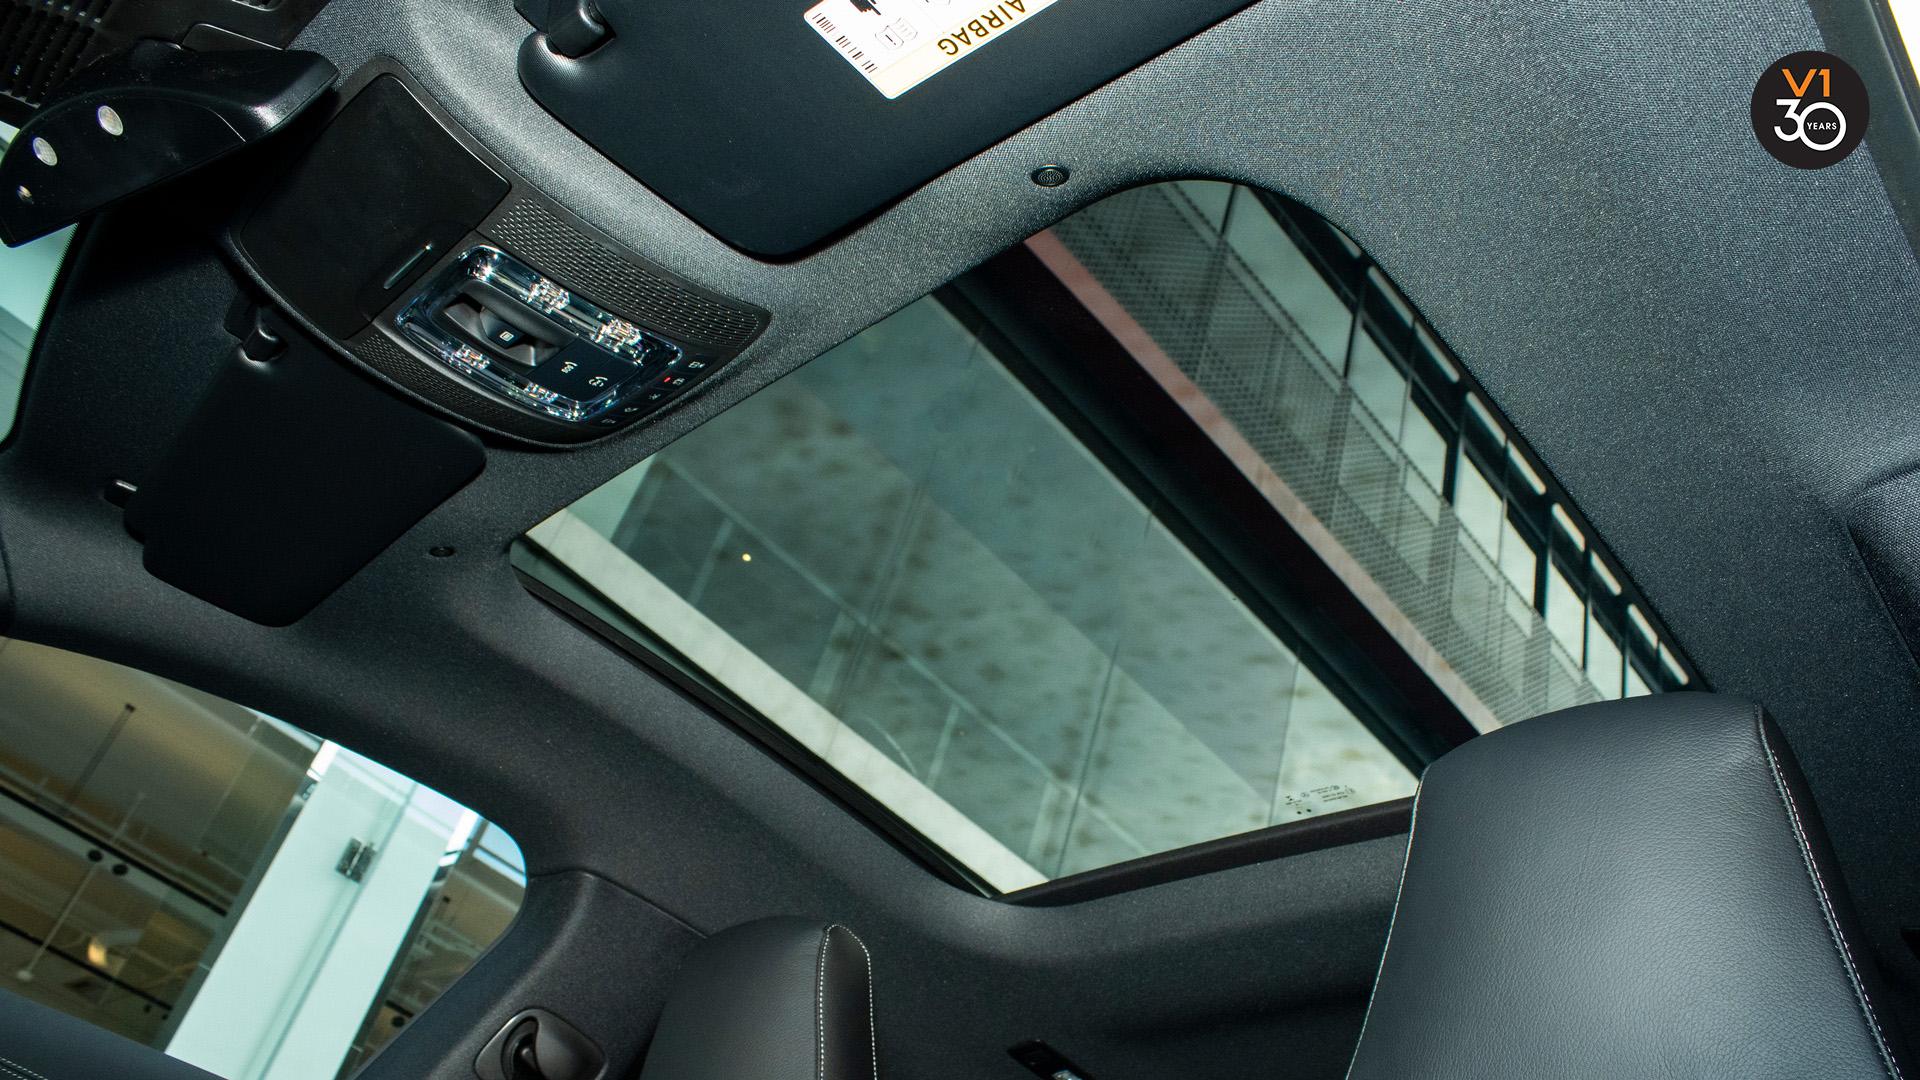 Mercedes CLA180 Coupe AMG Premium Plus - Sunroof